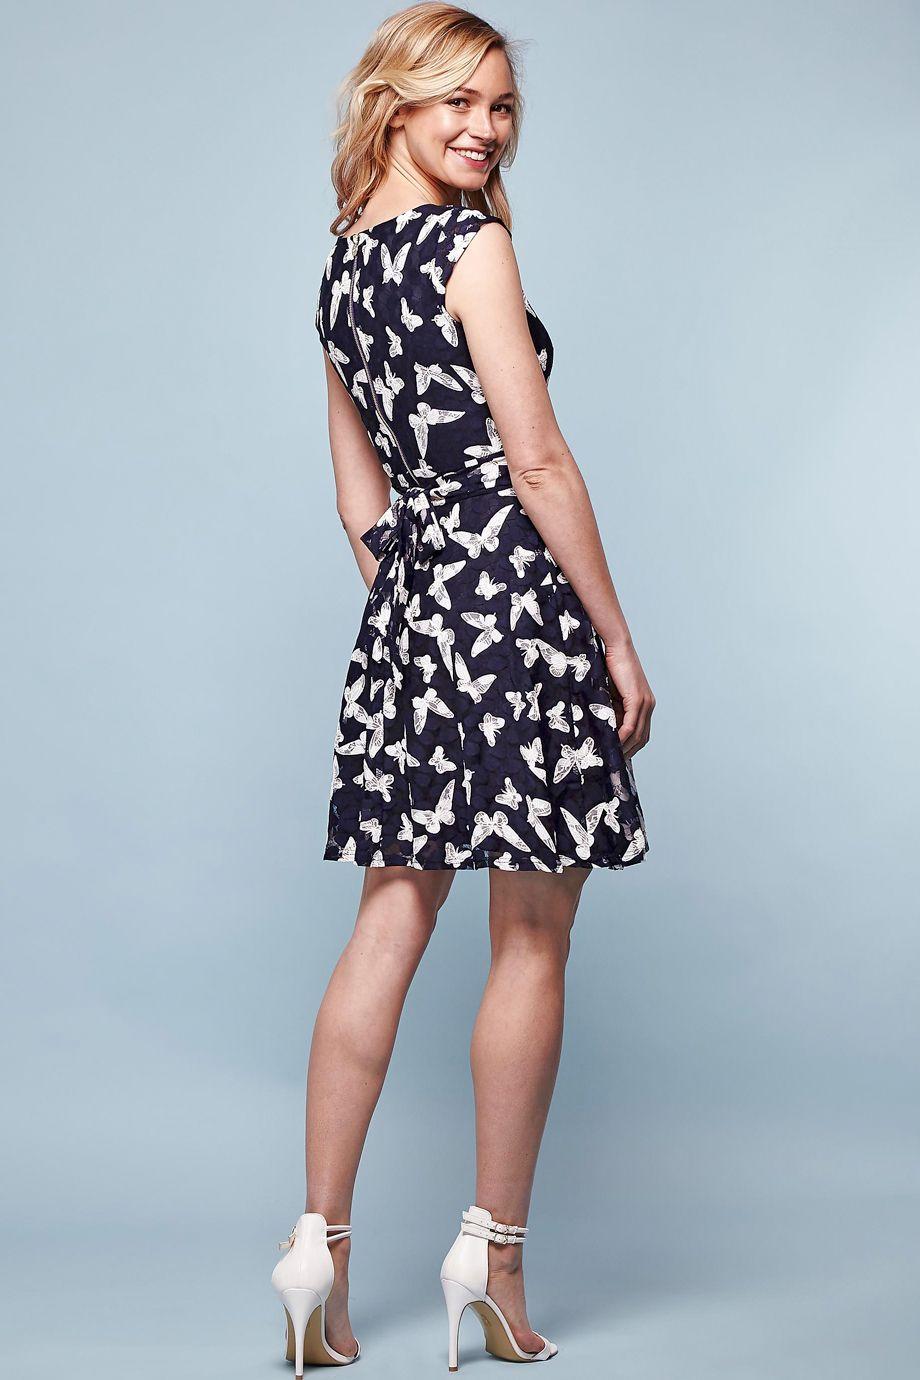 Μπλε φορεμα απο ελαστικο πουα τουλι με print πεταλουδες & δεσιμο ...